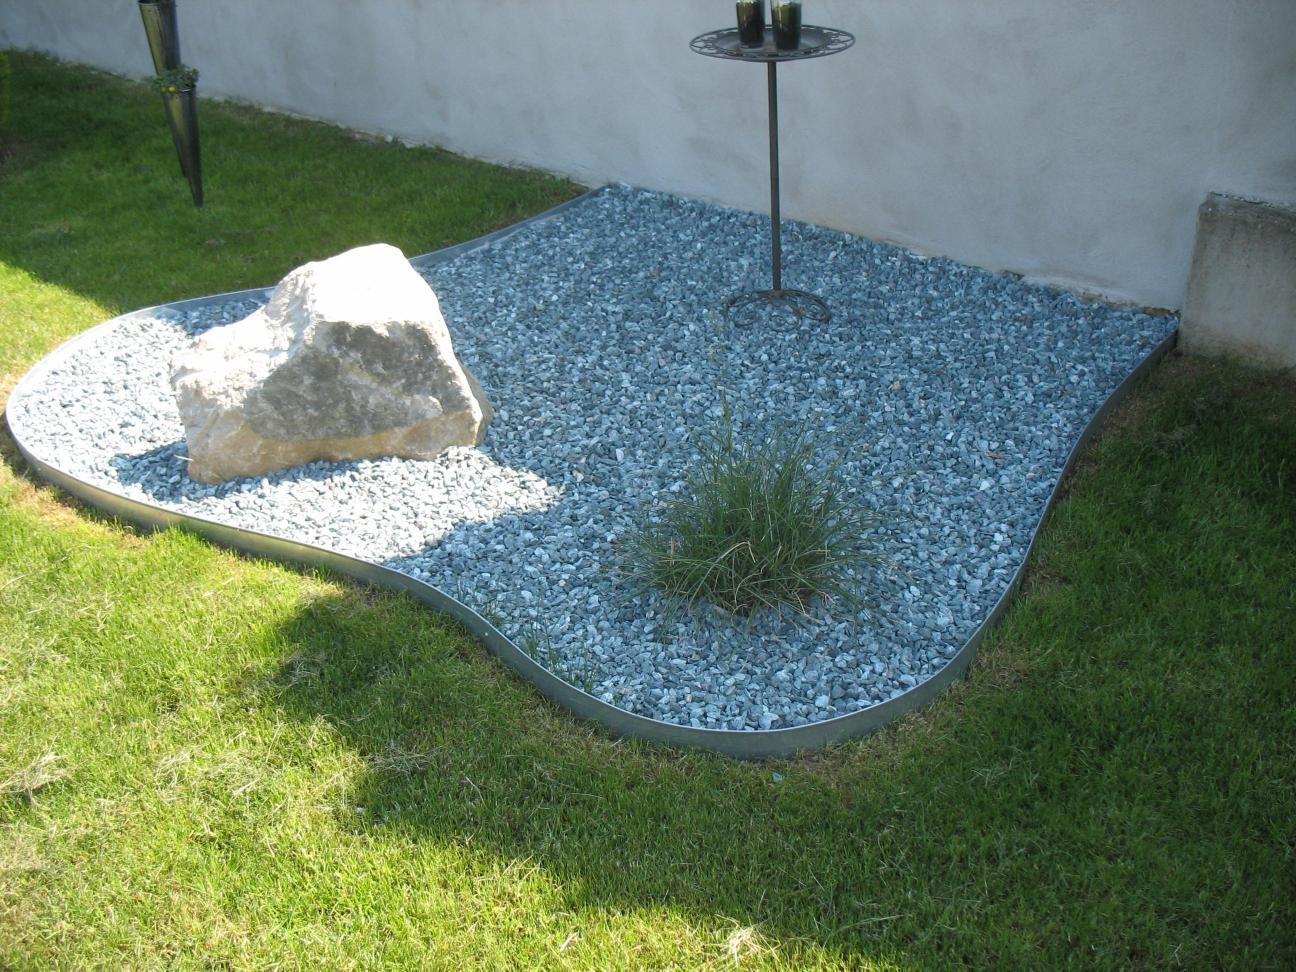 rasenkanten metall sonderh he 25 cm x 118 cm lang 3 er set. Black Bedroom Furniture Sets. Home Design Ideas